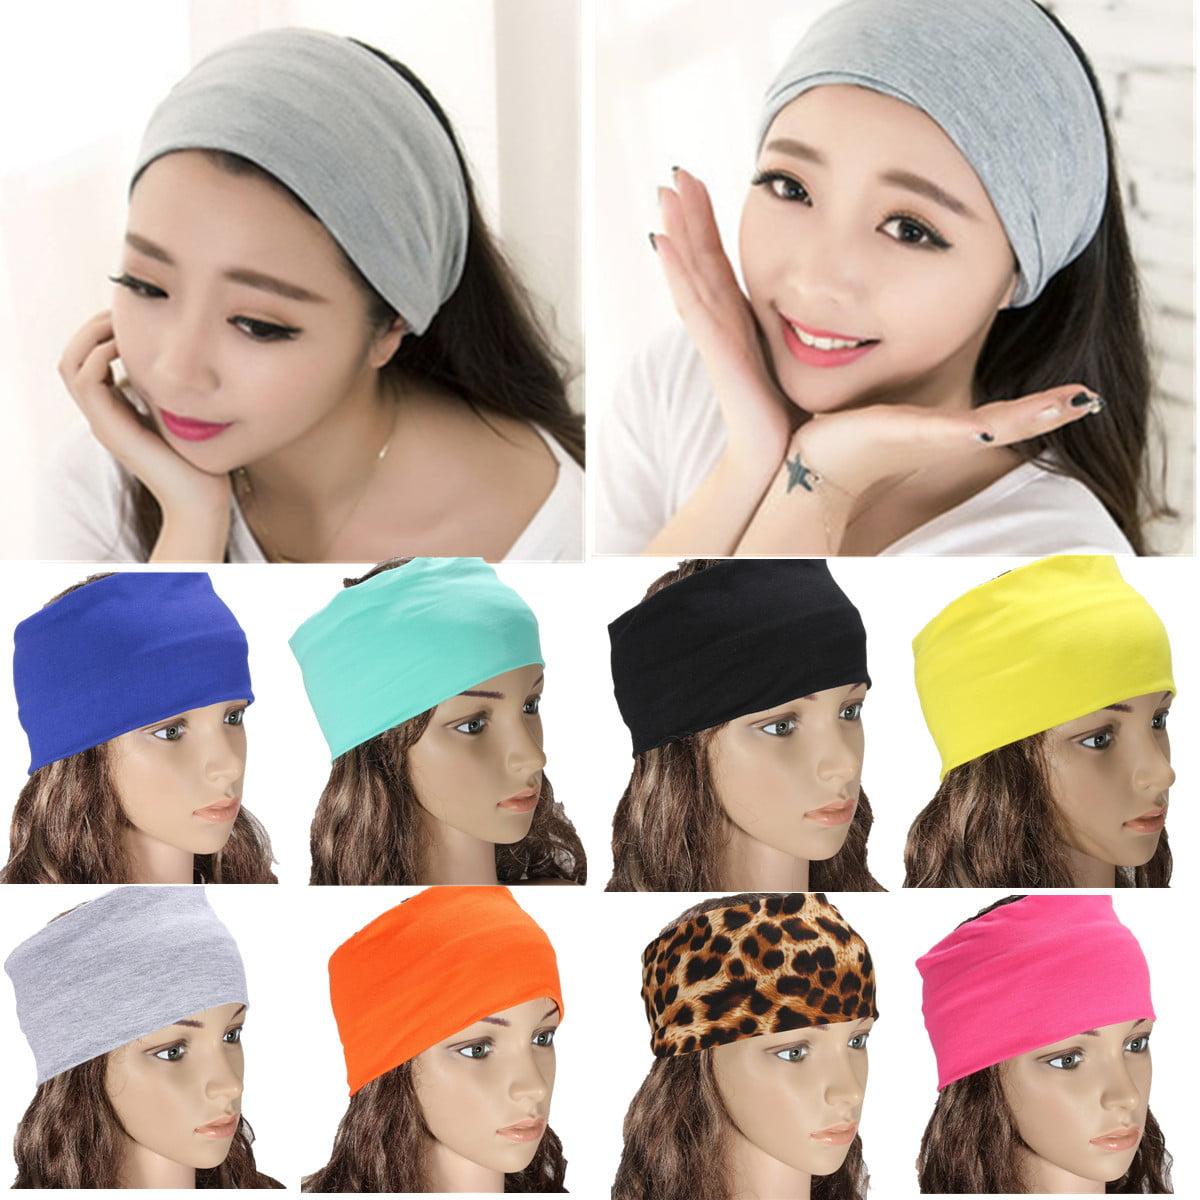 5inch Womens Yoga Headband Stretch Hairband Elastic Hair Band Turban Gym